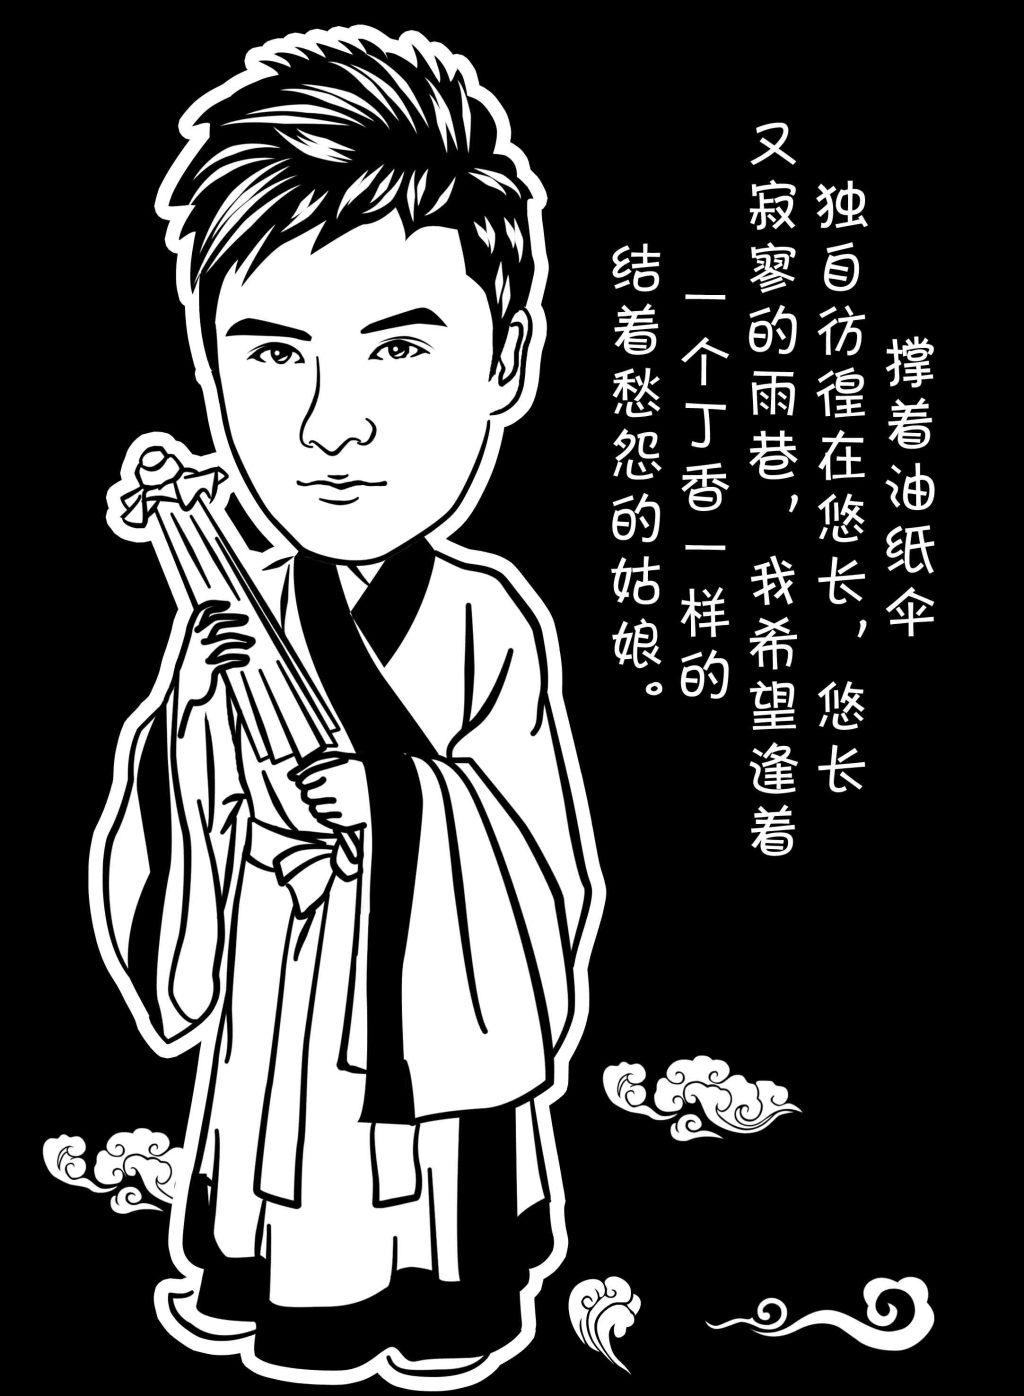 许仙黑白简笔画配诗词 许仙黑白简笔画配诗词免费下载 爱情 雕刻